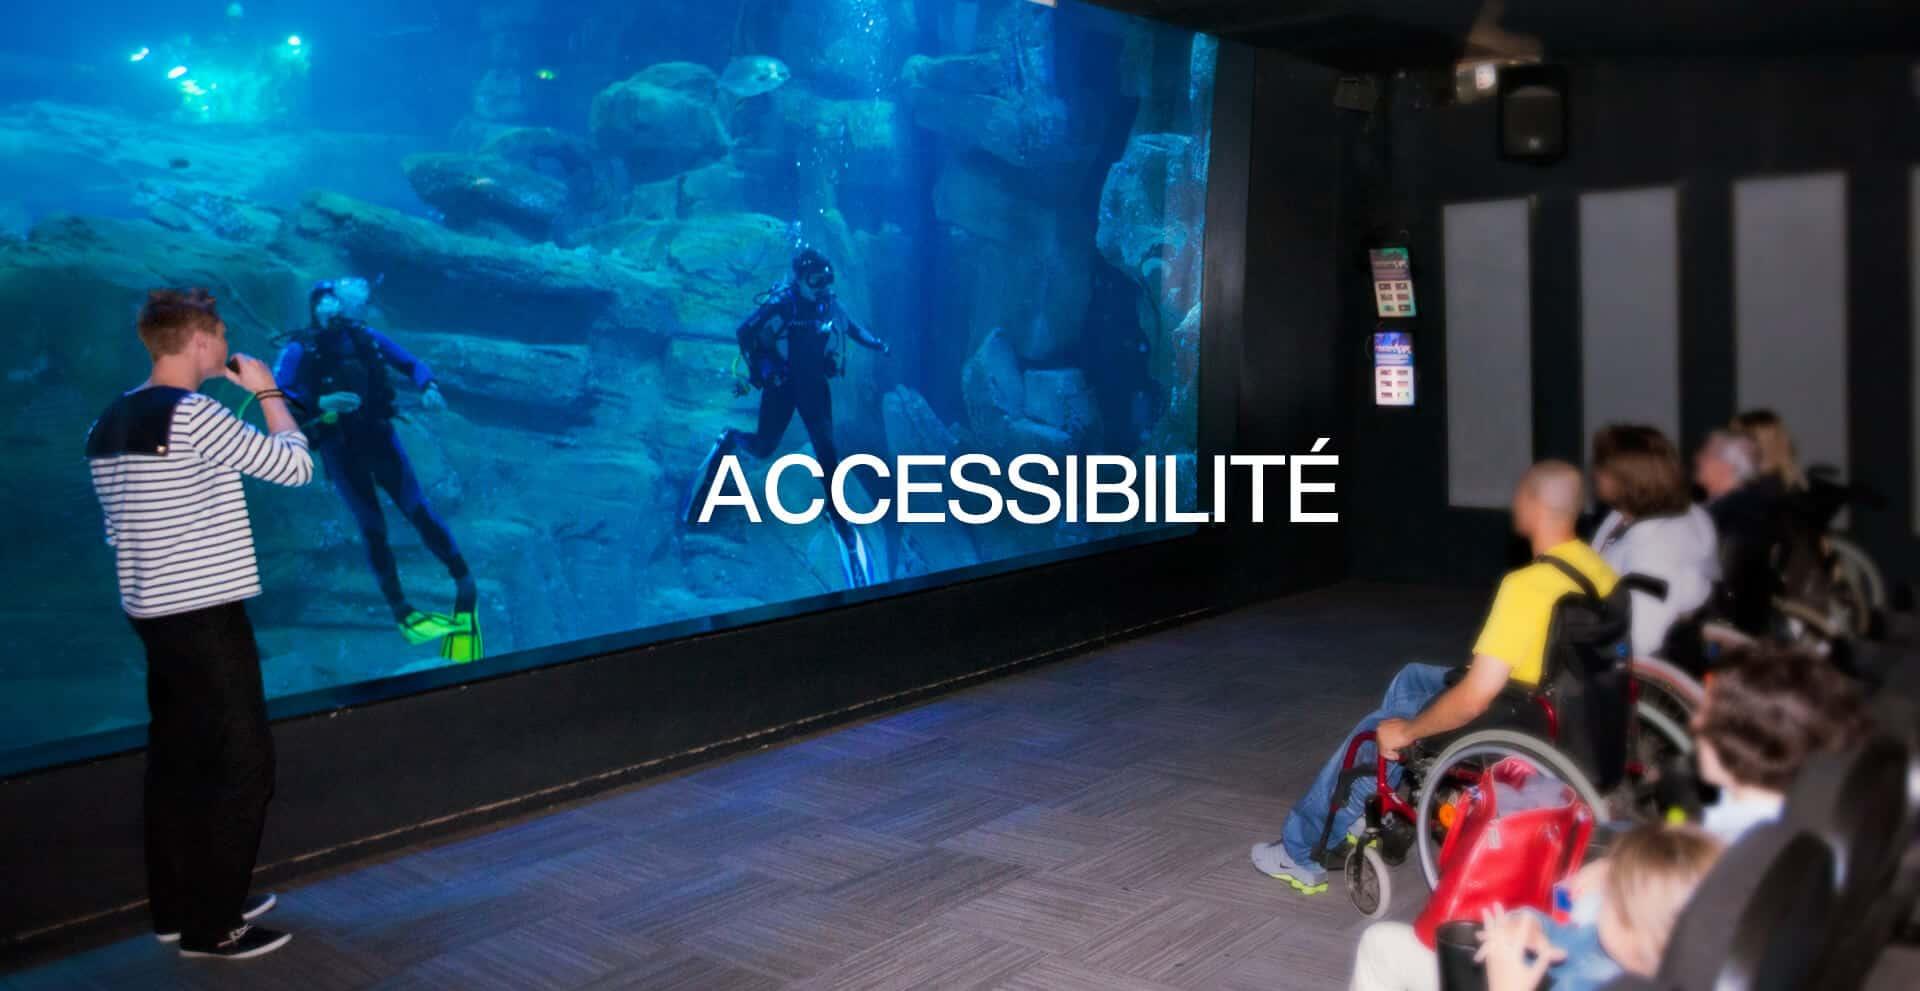 Accessibilité - Aquarium de Paris